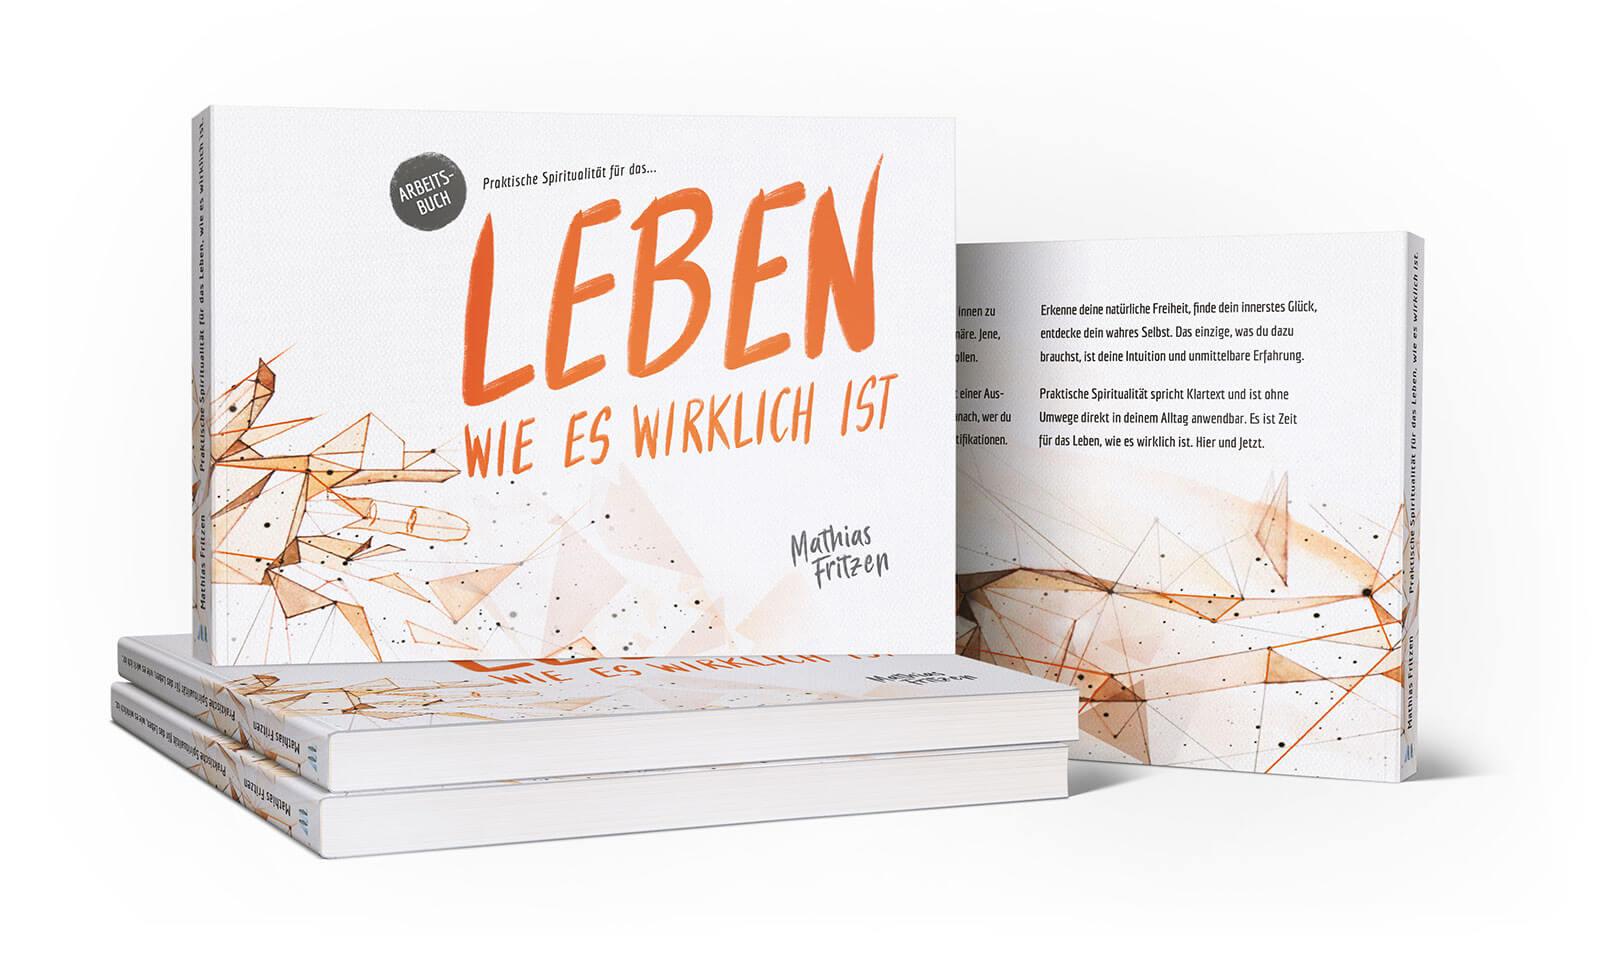 Praktische Spiritualität für das Leben, wie es wirklich ist Arbeitsbuch - Mathias Fritzen